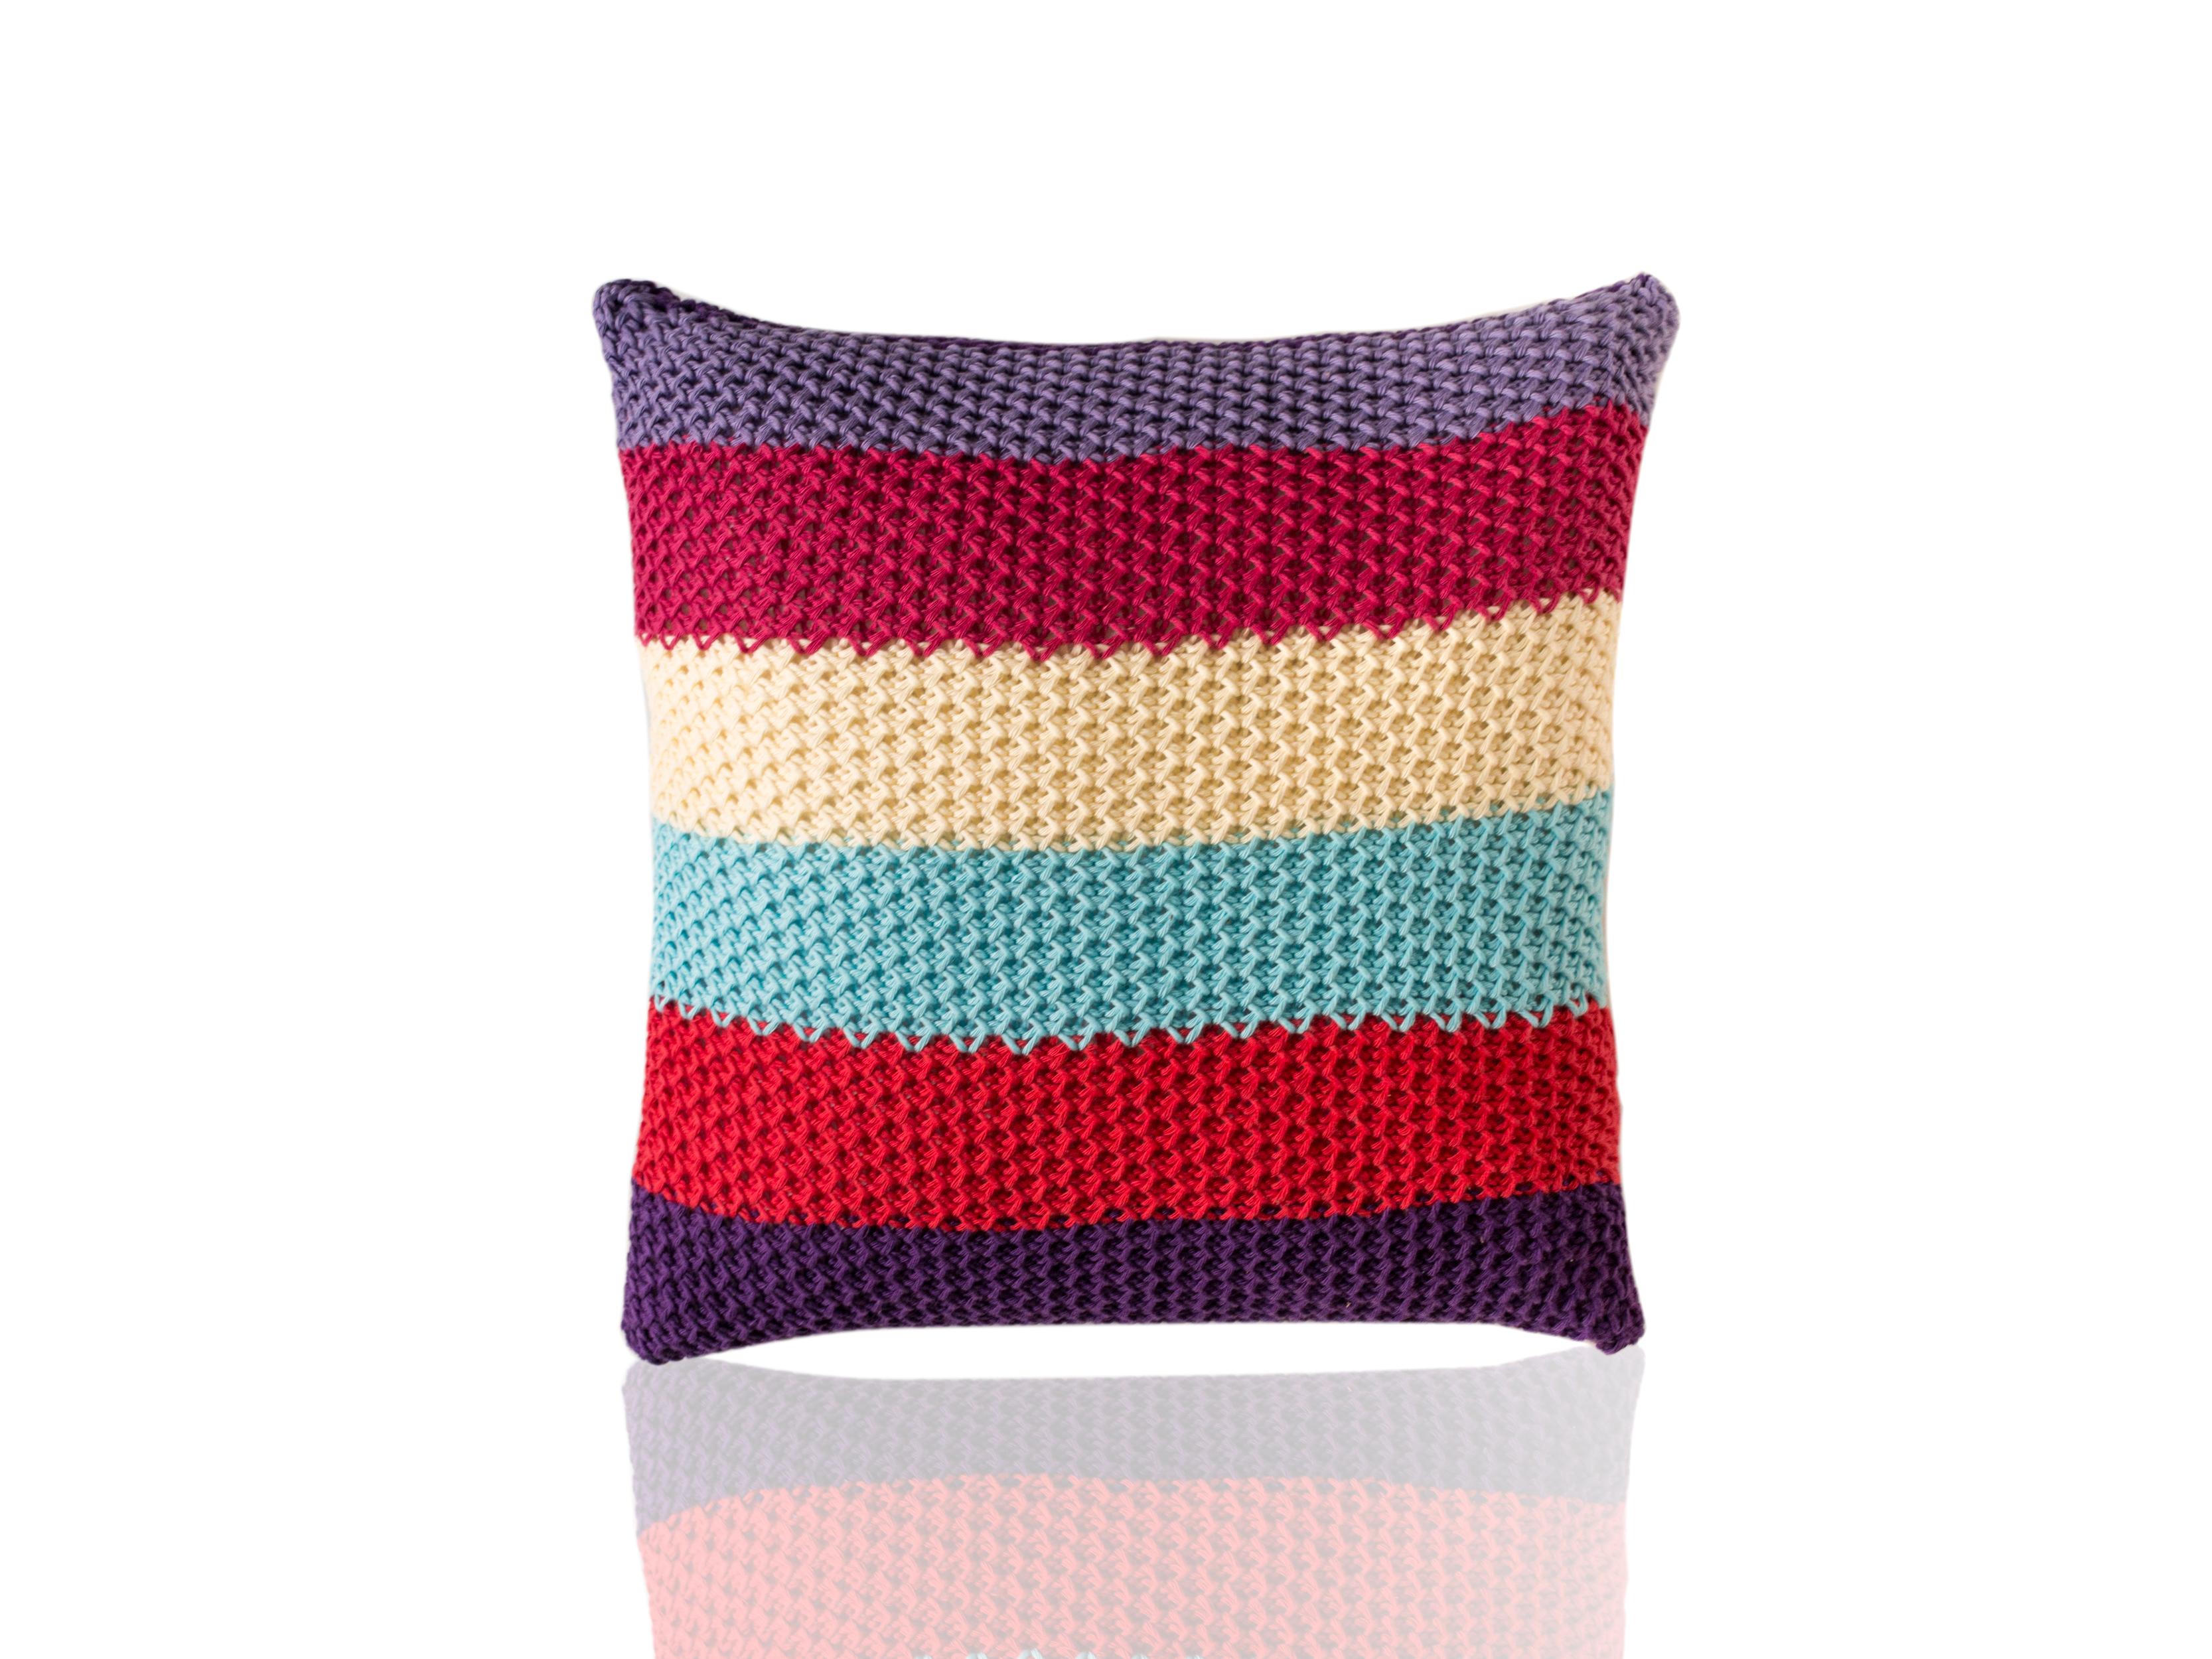 Подушка TreceКвадратные подушки и наволочки<br>Trece - вязаная диванная подушка ручной работы - сделана из высококачественных материалов в Барселоне, Испания. Яркая, мягкая и красивая, эта вещь добавит комфорта и уюта любому домашнему декору.&amp;lt;div&amp;gt;&amp;lt;br&amp;gt;&amp;lt;/div&amp;gt;&amp;lt;div&amp;gt;Состав наволочки: 100% хлопок&amp;amp;nbsp;&amp;lt;/div&amp;gt;&amp;lt;div&amp;gt;Наполнитель (вынимающаяся подушка): 100% полиэстер&amp;amp;nbsp;&amp;lt;/div&amp;gt;<br><br>Material: Хлопок<br>Ширина см: 40.0<br>Высота см: 40.0<br>Глубина см: 10.0